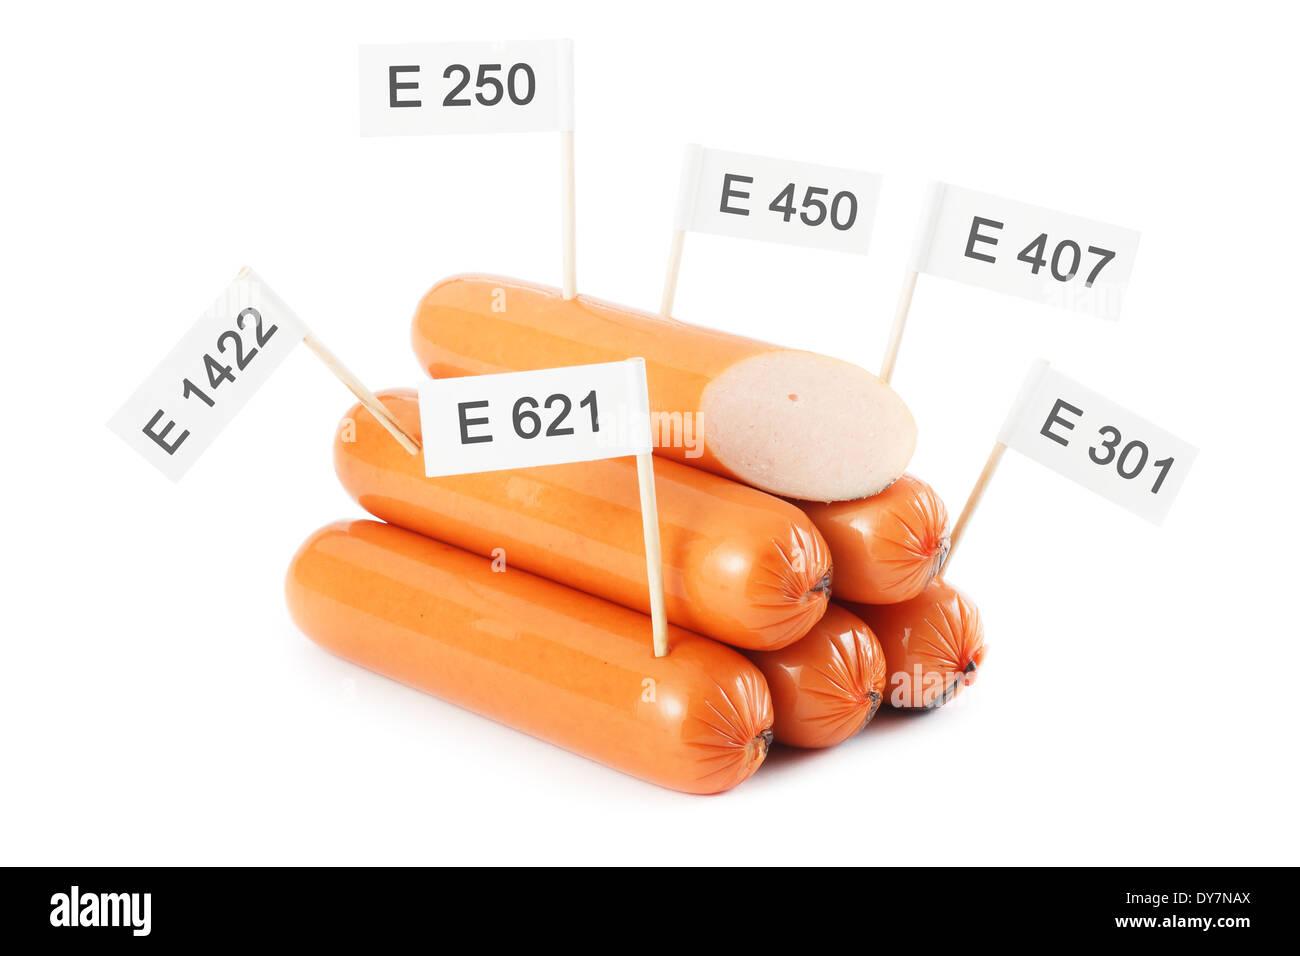 Concept d'aliments malsains - additifs chimiques dans la nourriture. Isloated saucisses sur fond blanc Photo Stock